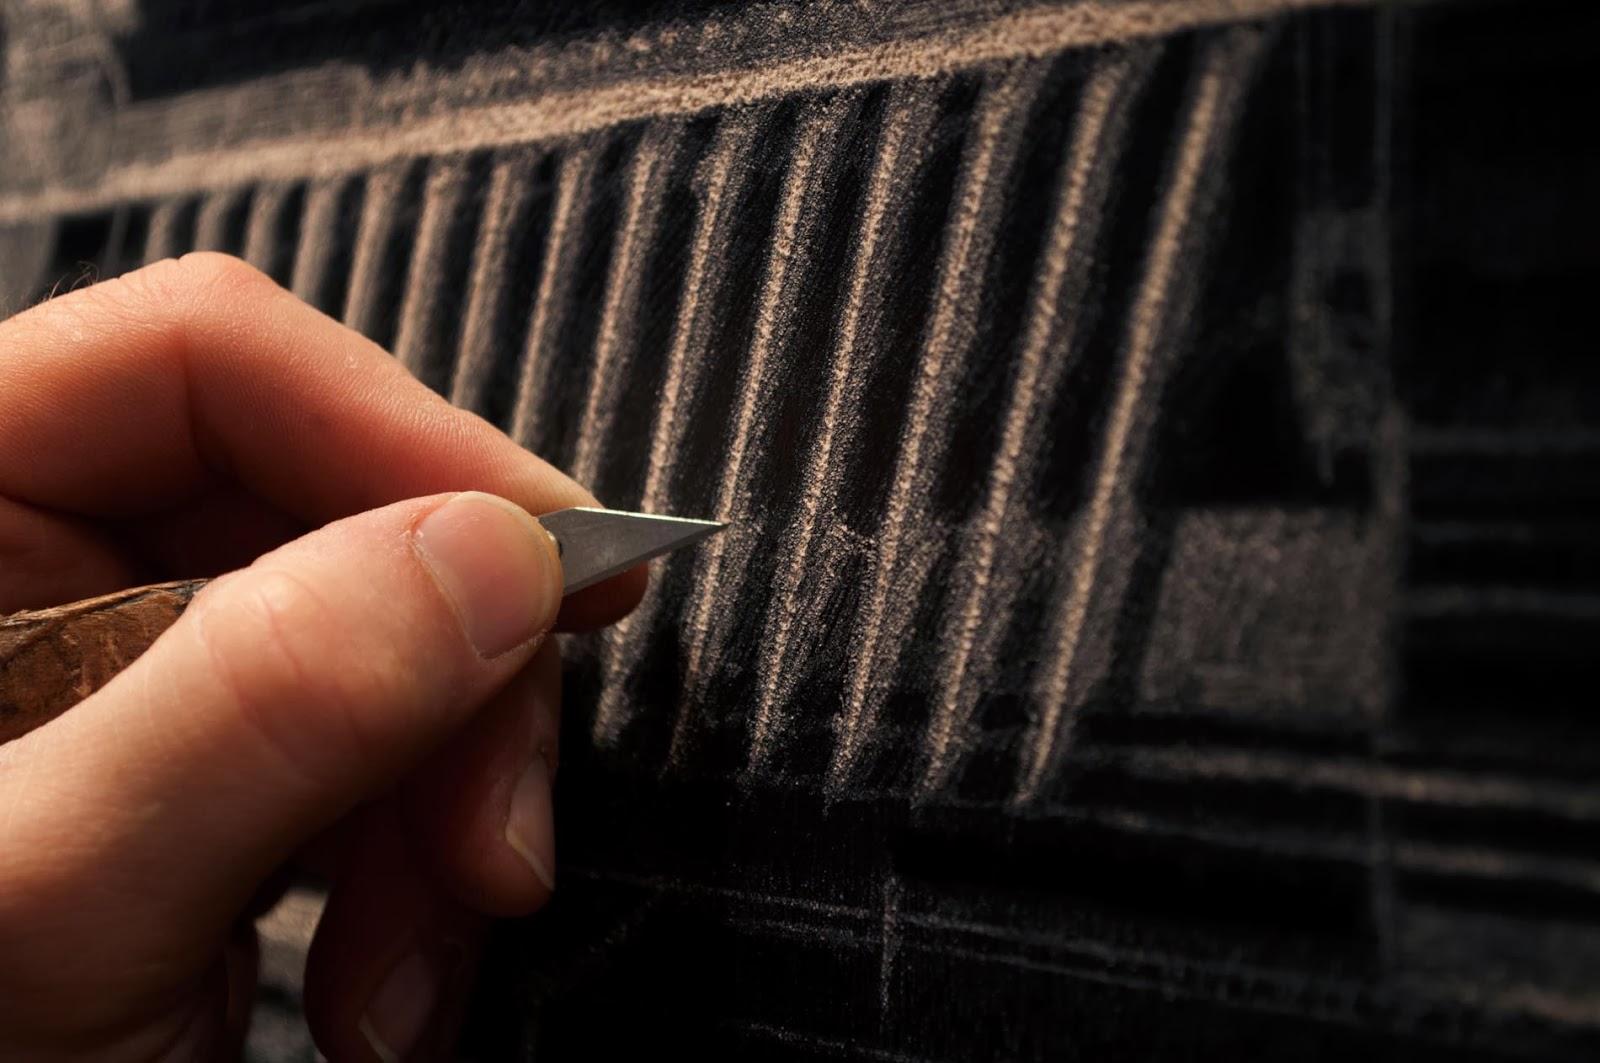 09-Artist-Mark-Evans-Engraved-Leather-Artwork-www-designstack-co